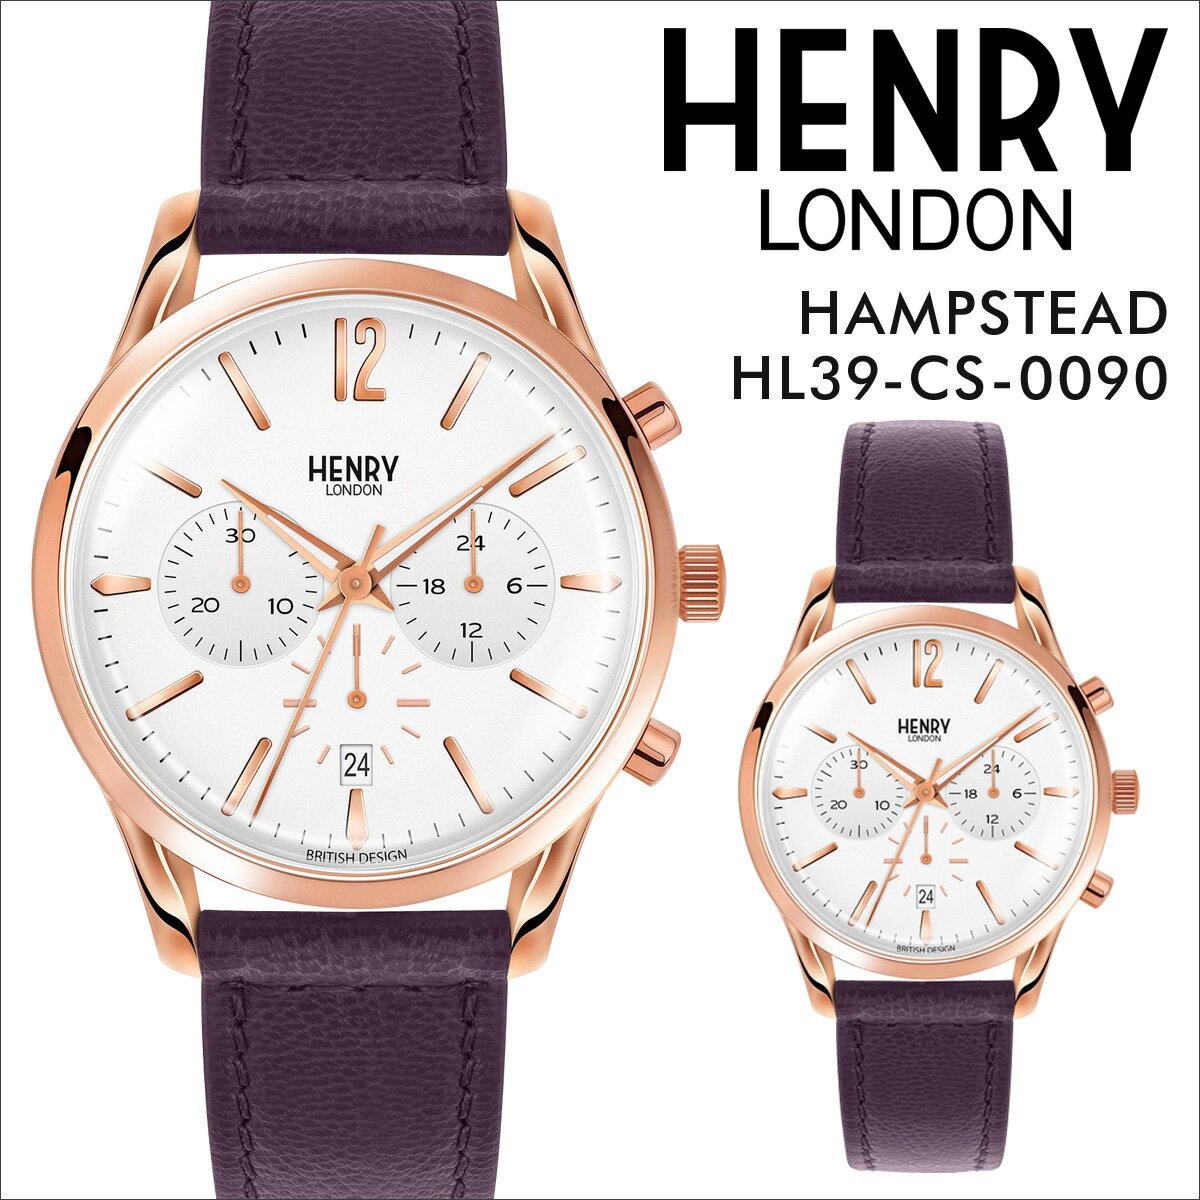 ヘンリーロンドン HENRY LONDON 腕時計 メンズ レディース ハムステッド 時計 39mm  HAMPSTEAD HL39-CS-0090  パープル/ローズゴールド [ あす楽対象外 ]